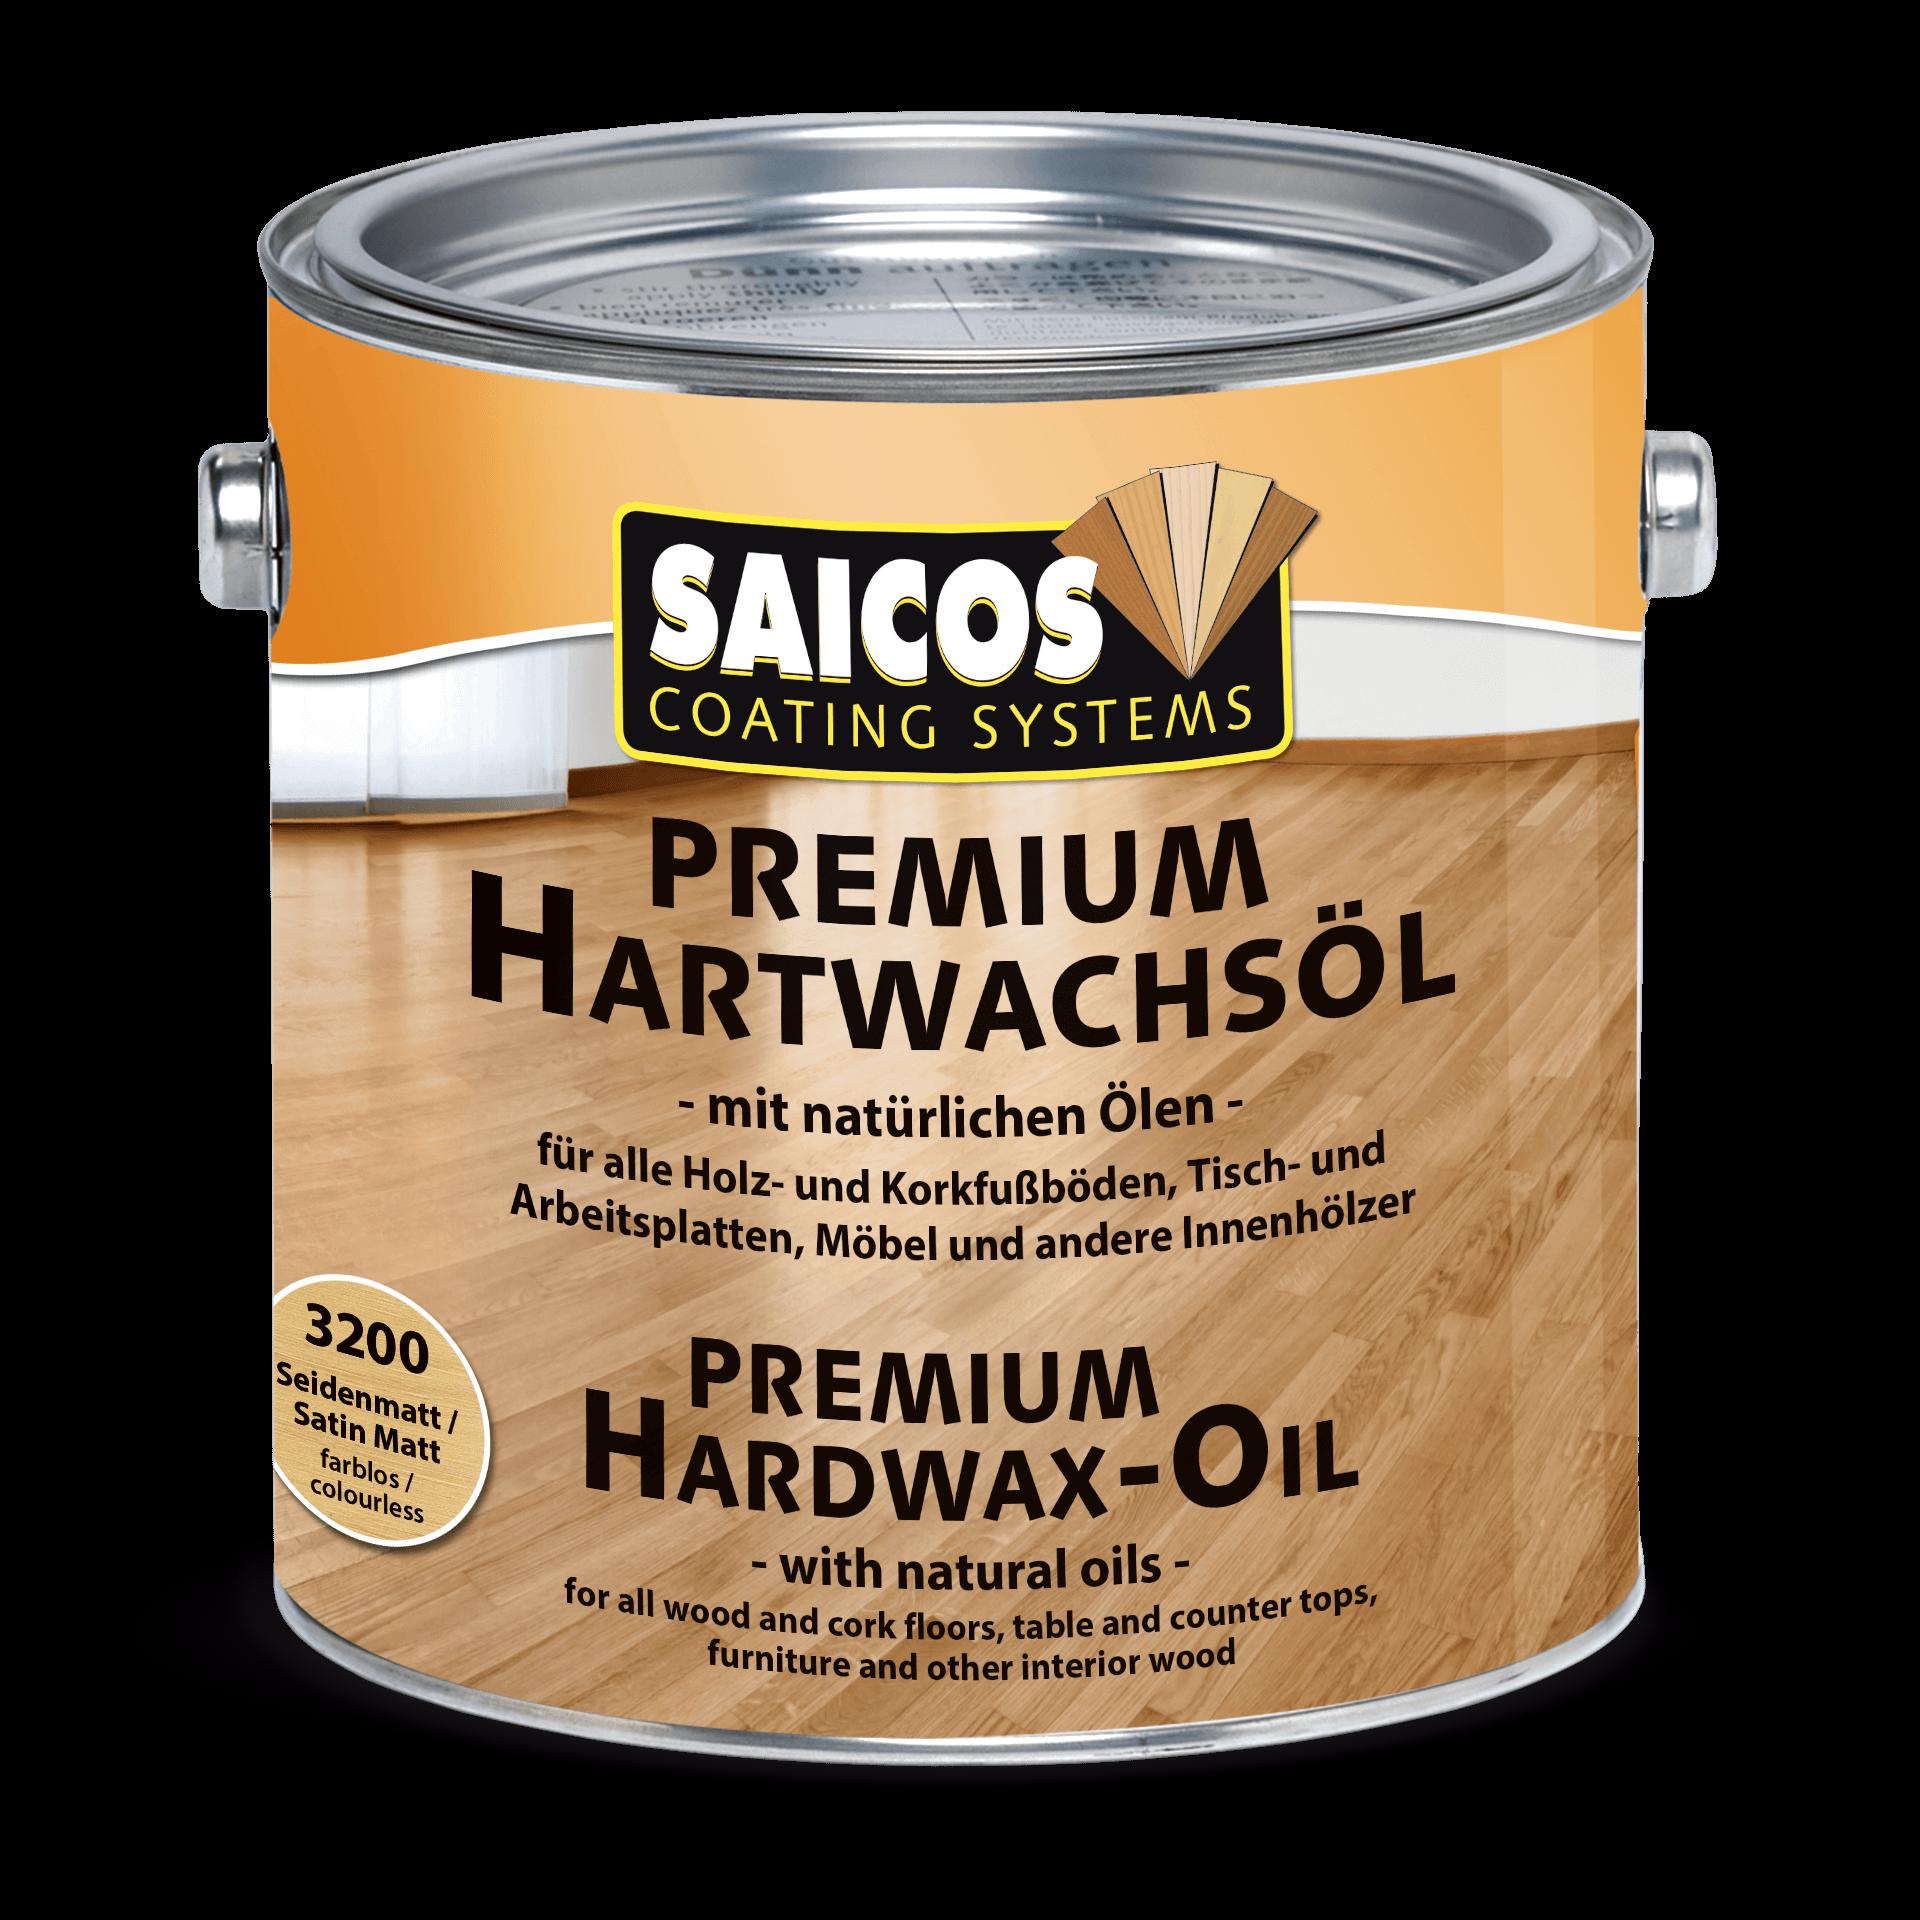 Premium Hardwax-Oil